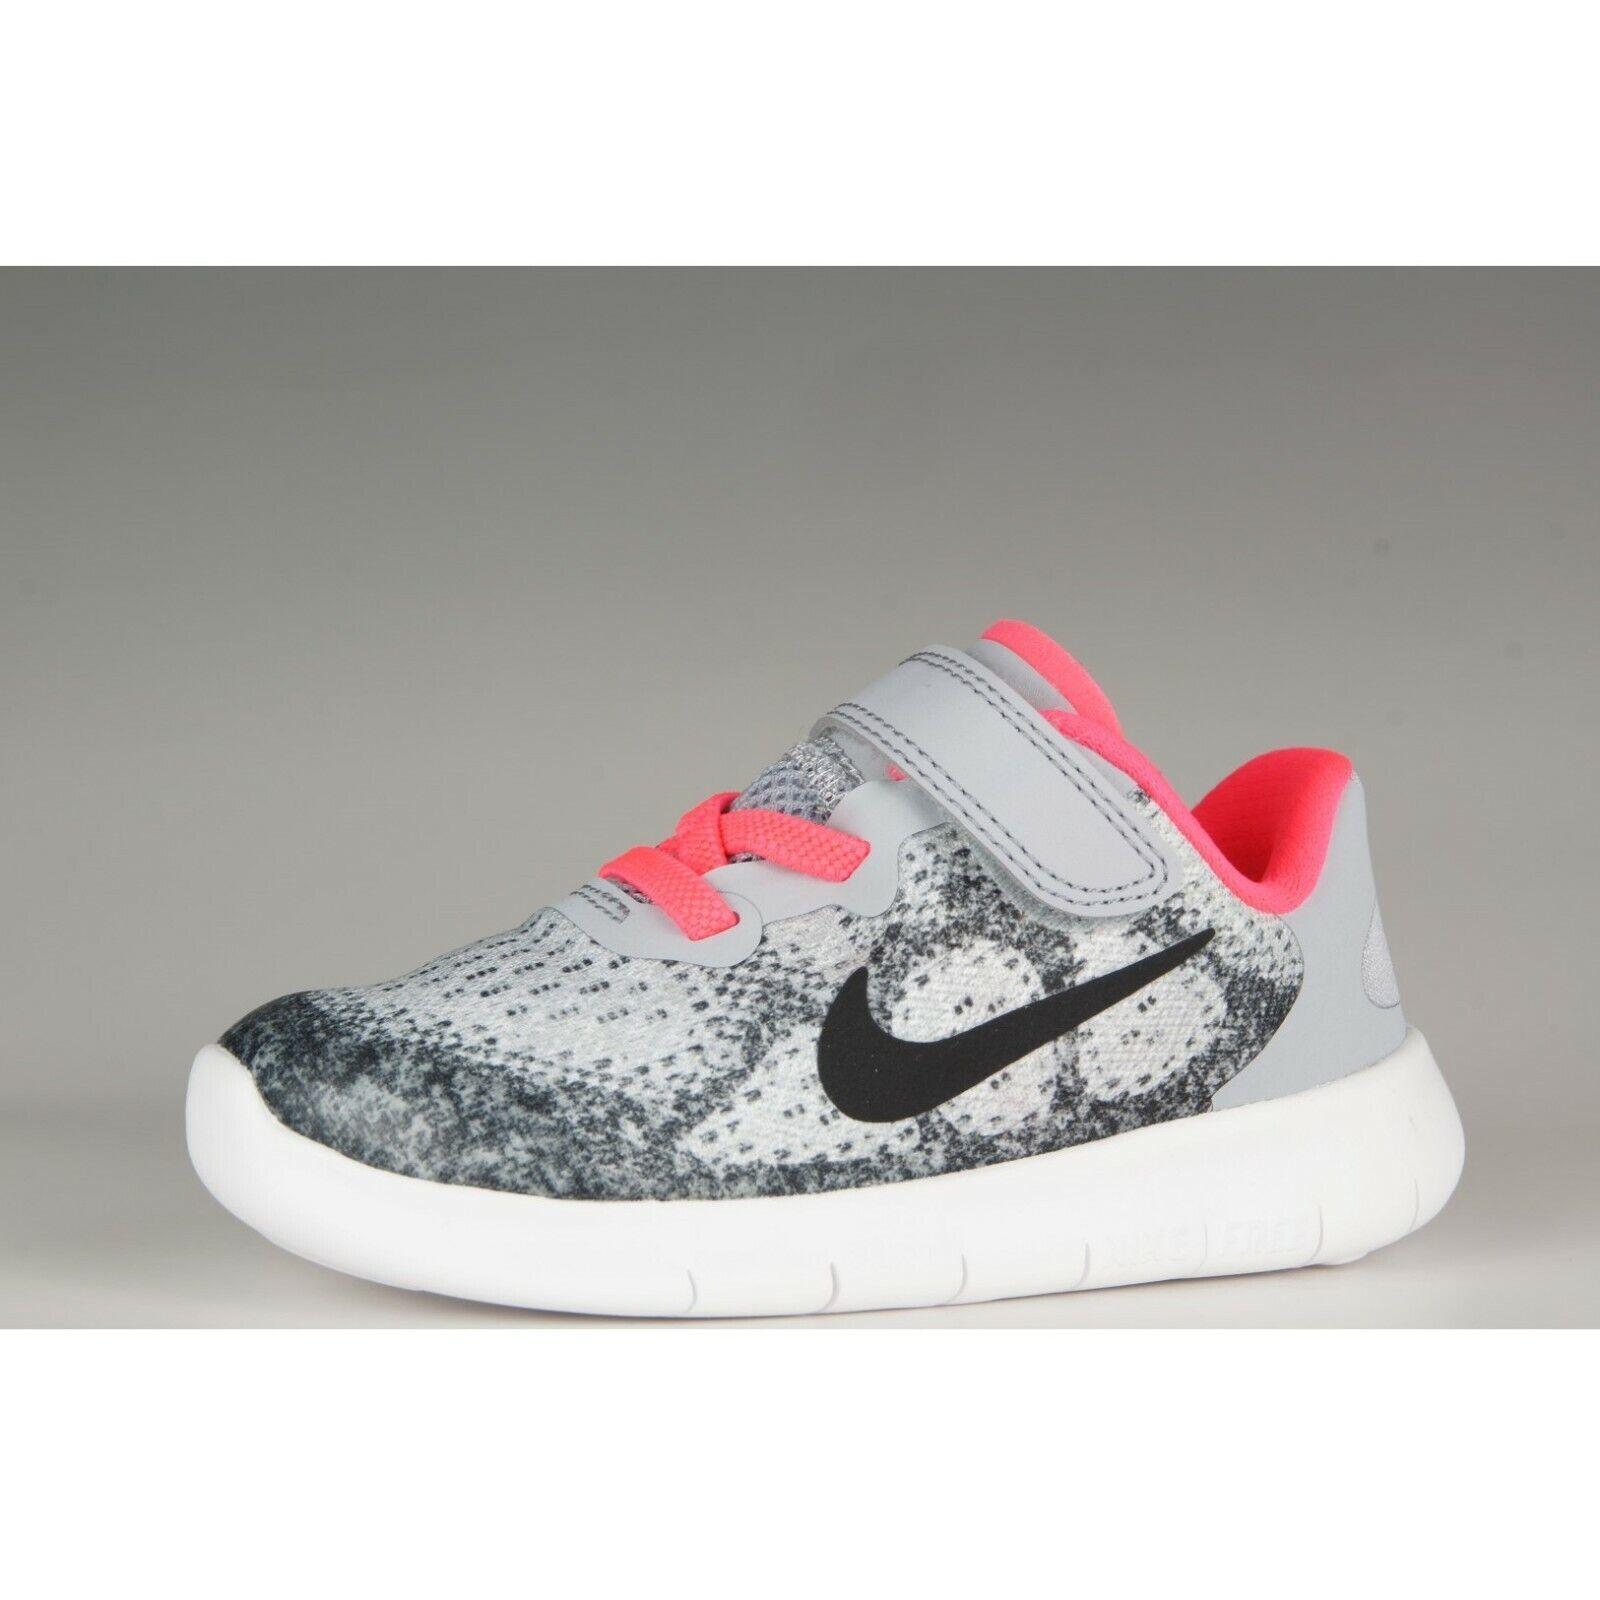 Nike Free RN 2017 (TDV) Baby und Kleinkinder Schuhe Neu Kinder Mädchen Sneaker